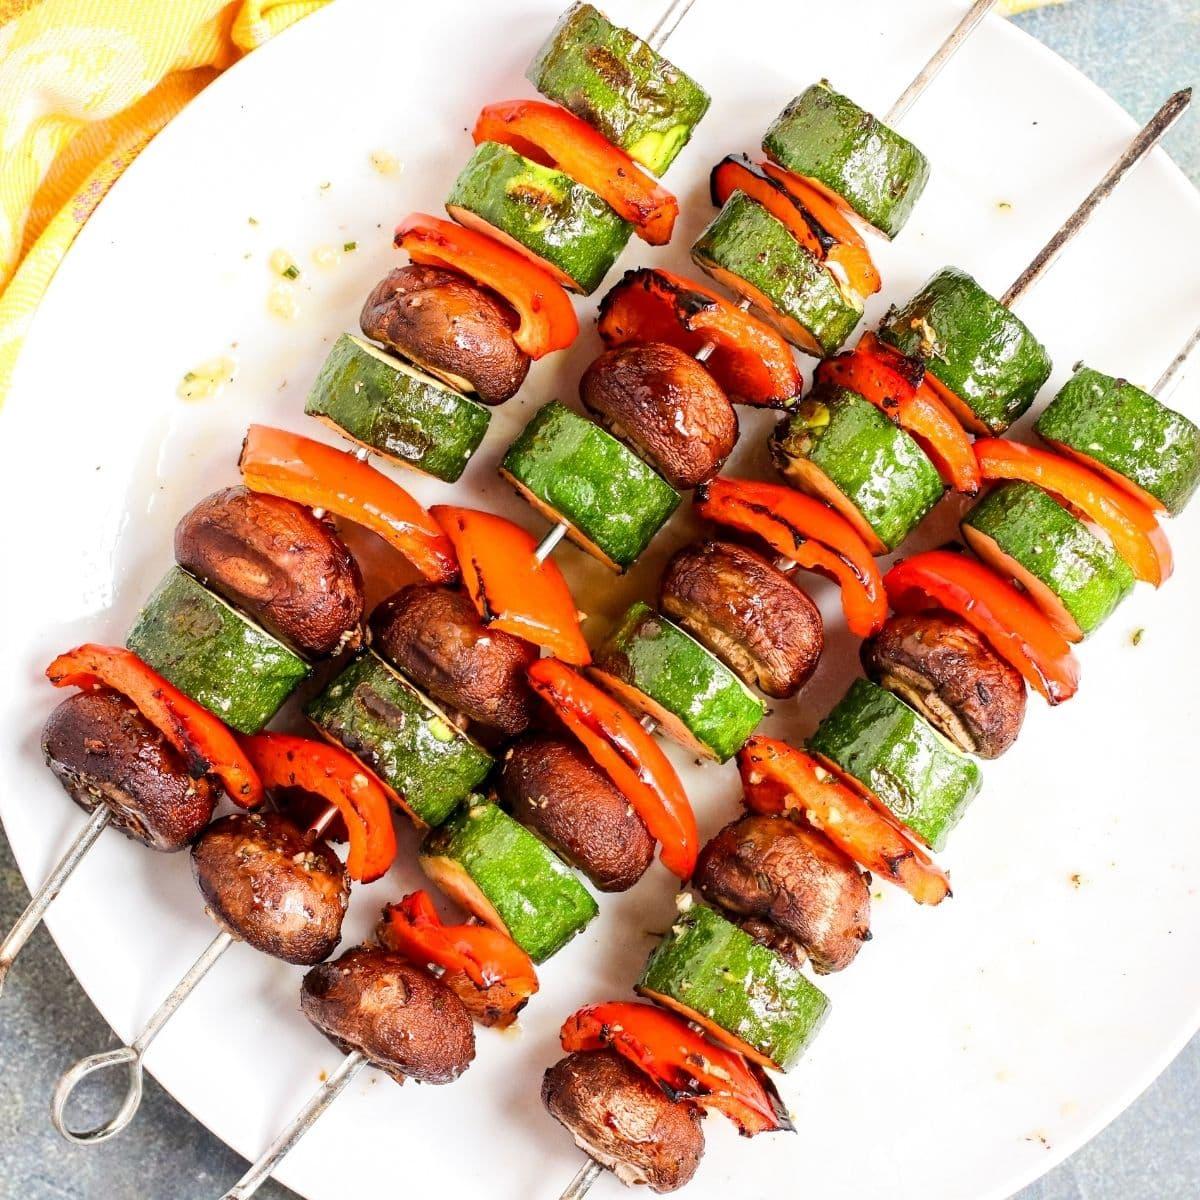 Serving platter of grilled vegetable skewers